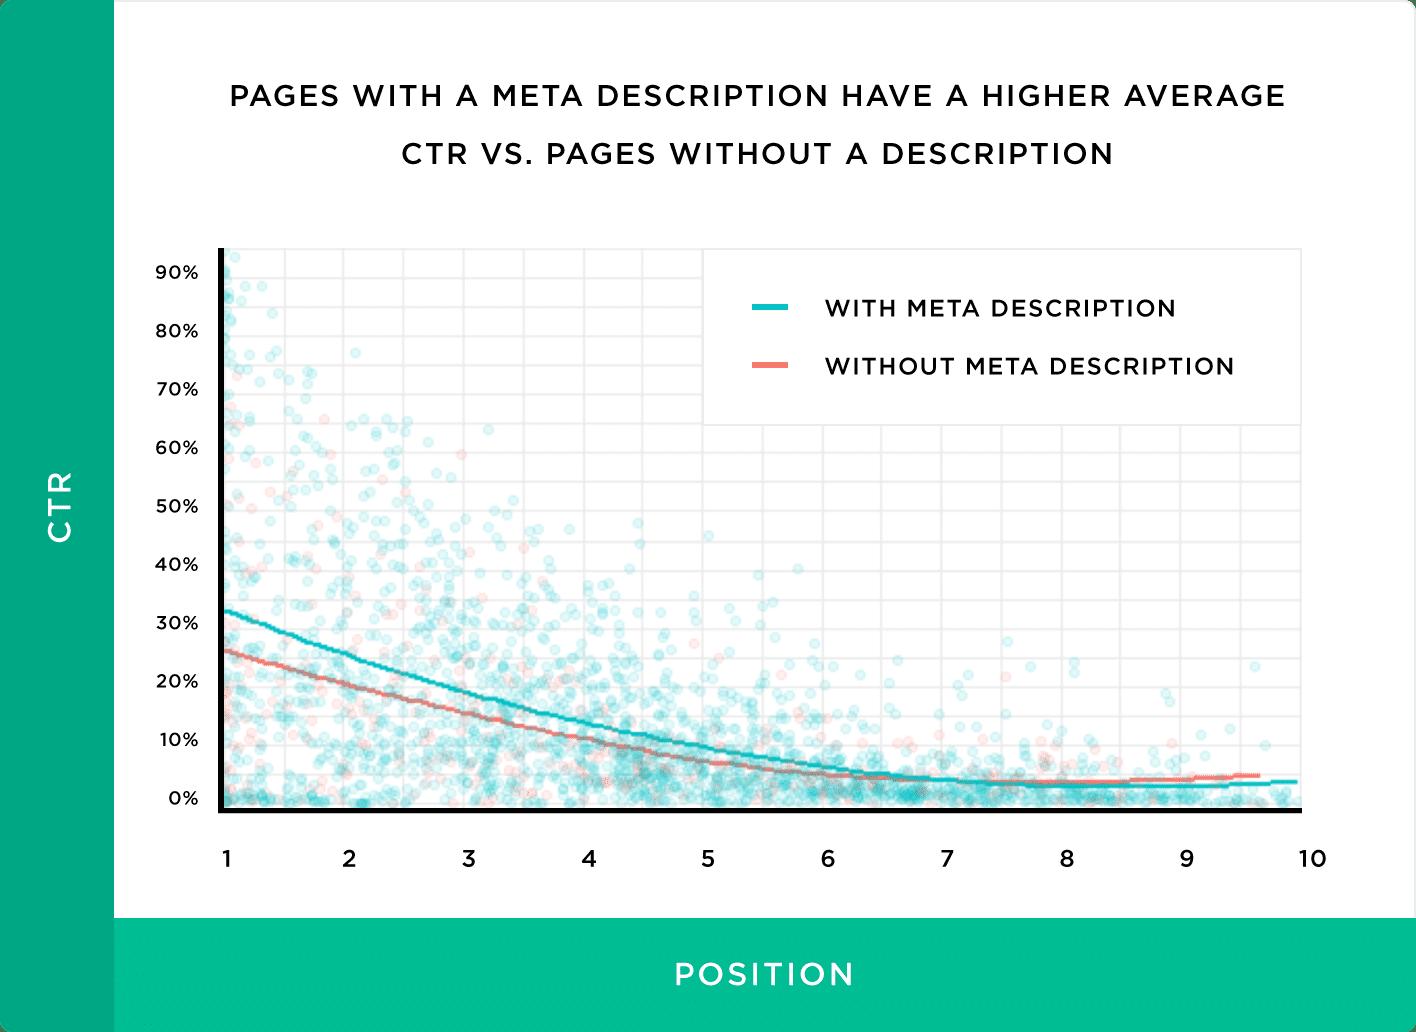 メタディスクリプションはCTRにいい効果をもたらす